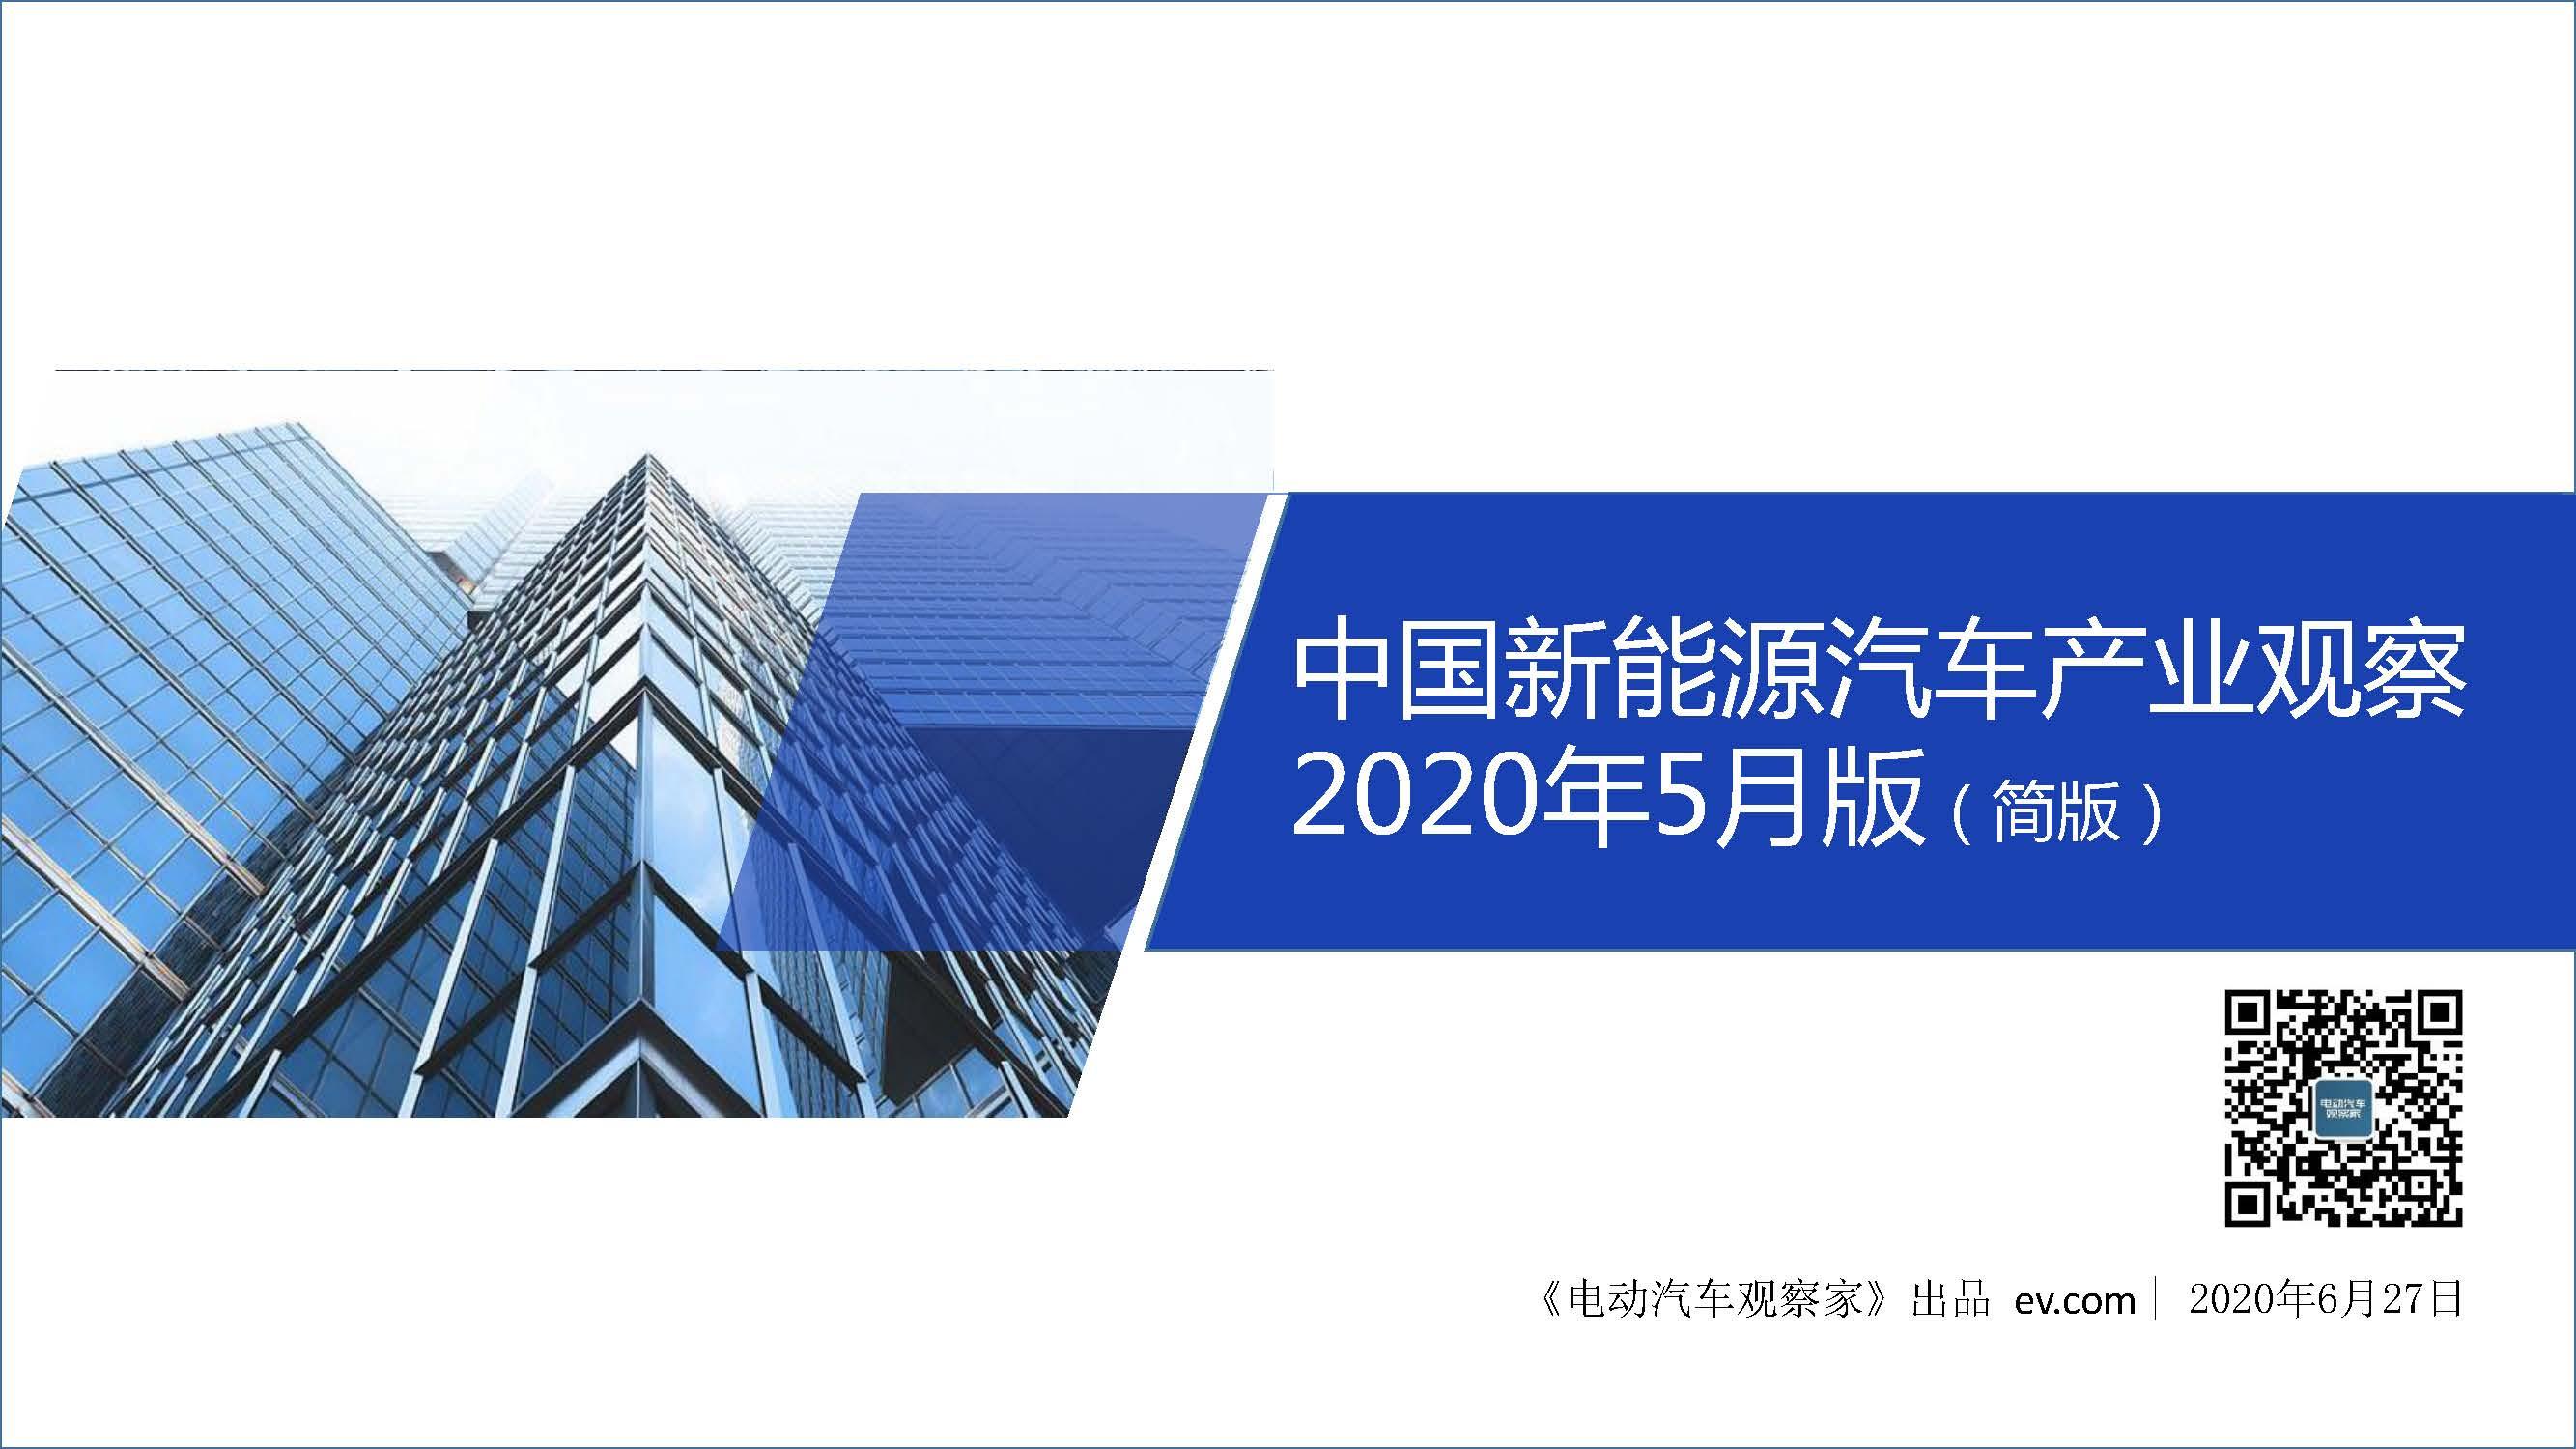 PPT:中国新能源汽车产业观察2020年5月简版